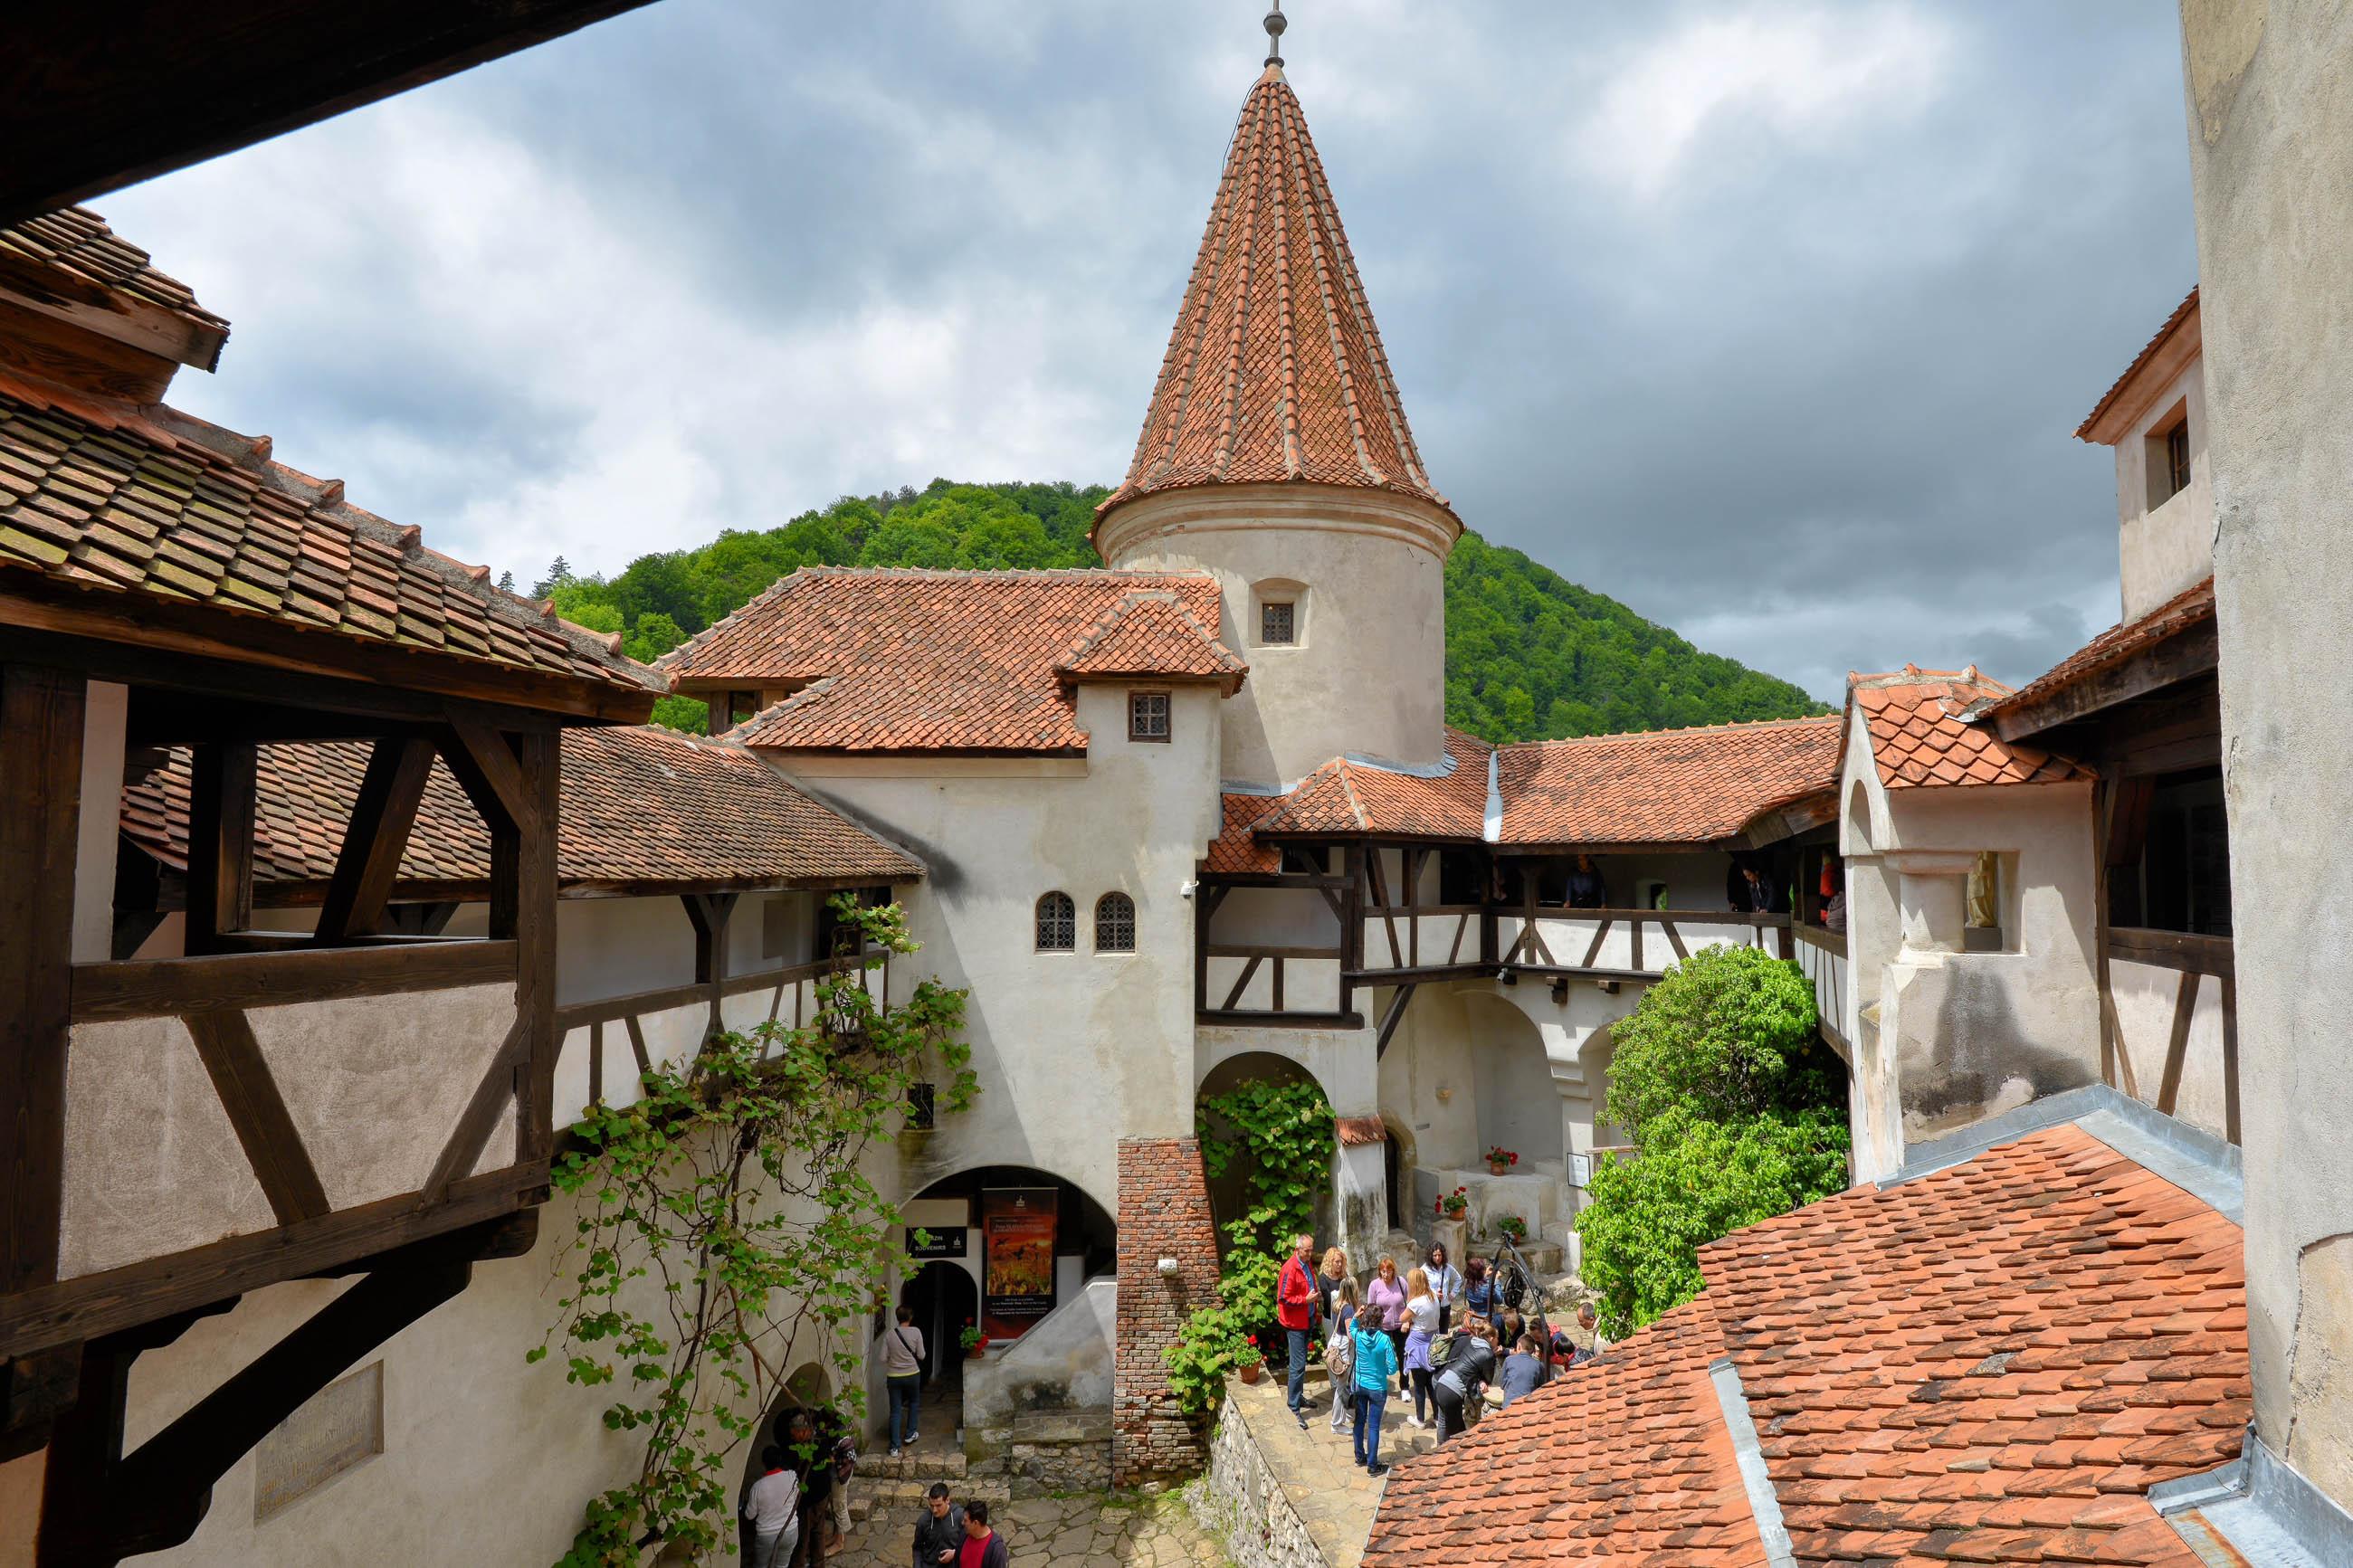 BILDER: Schloss Bran (Dracula-Schloss), Rumänien | Franks ...